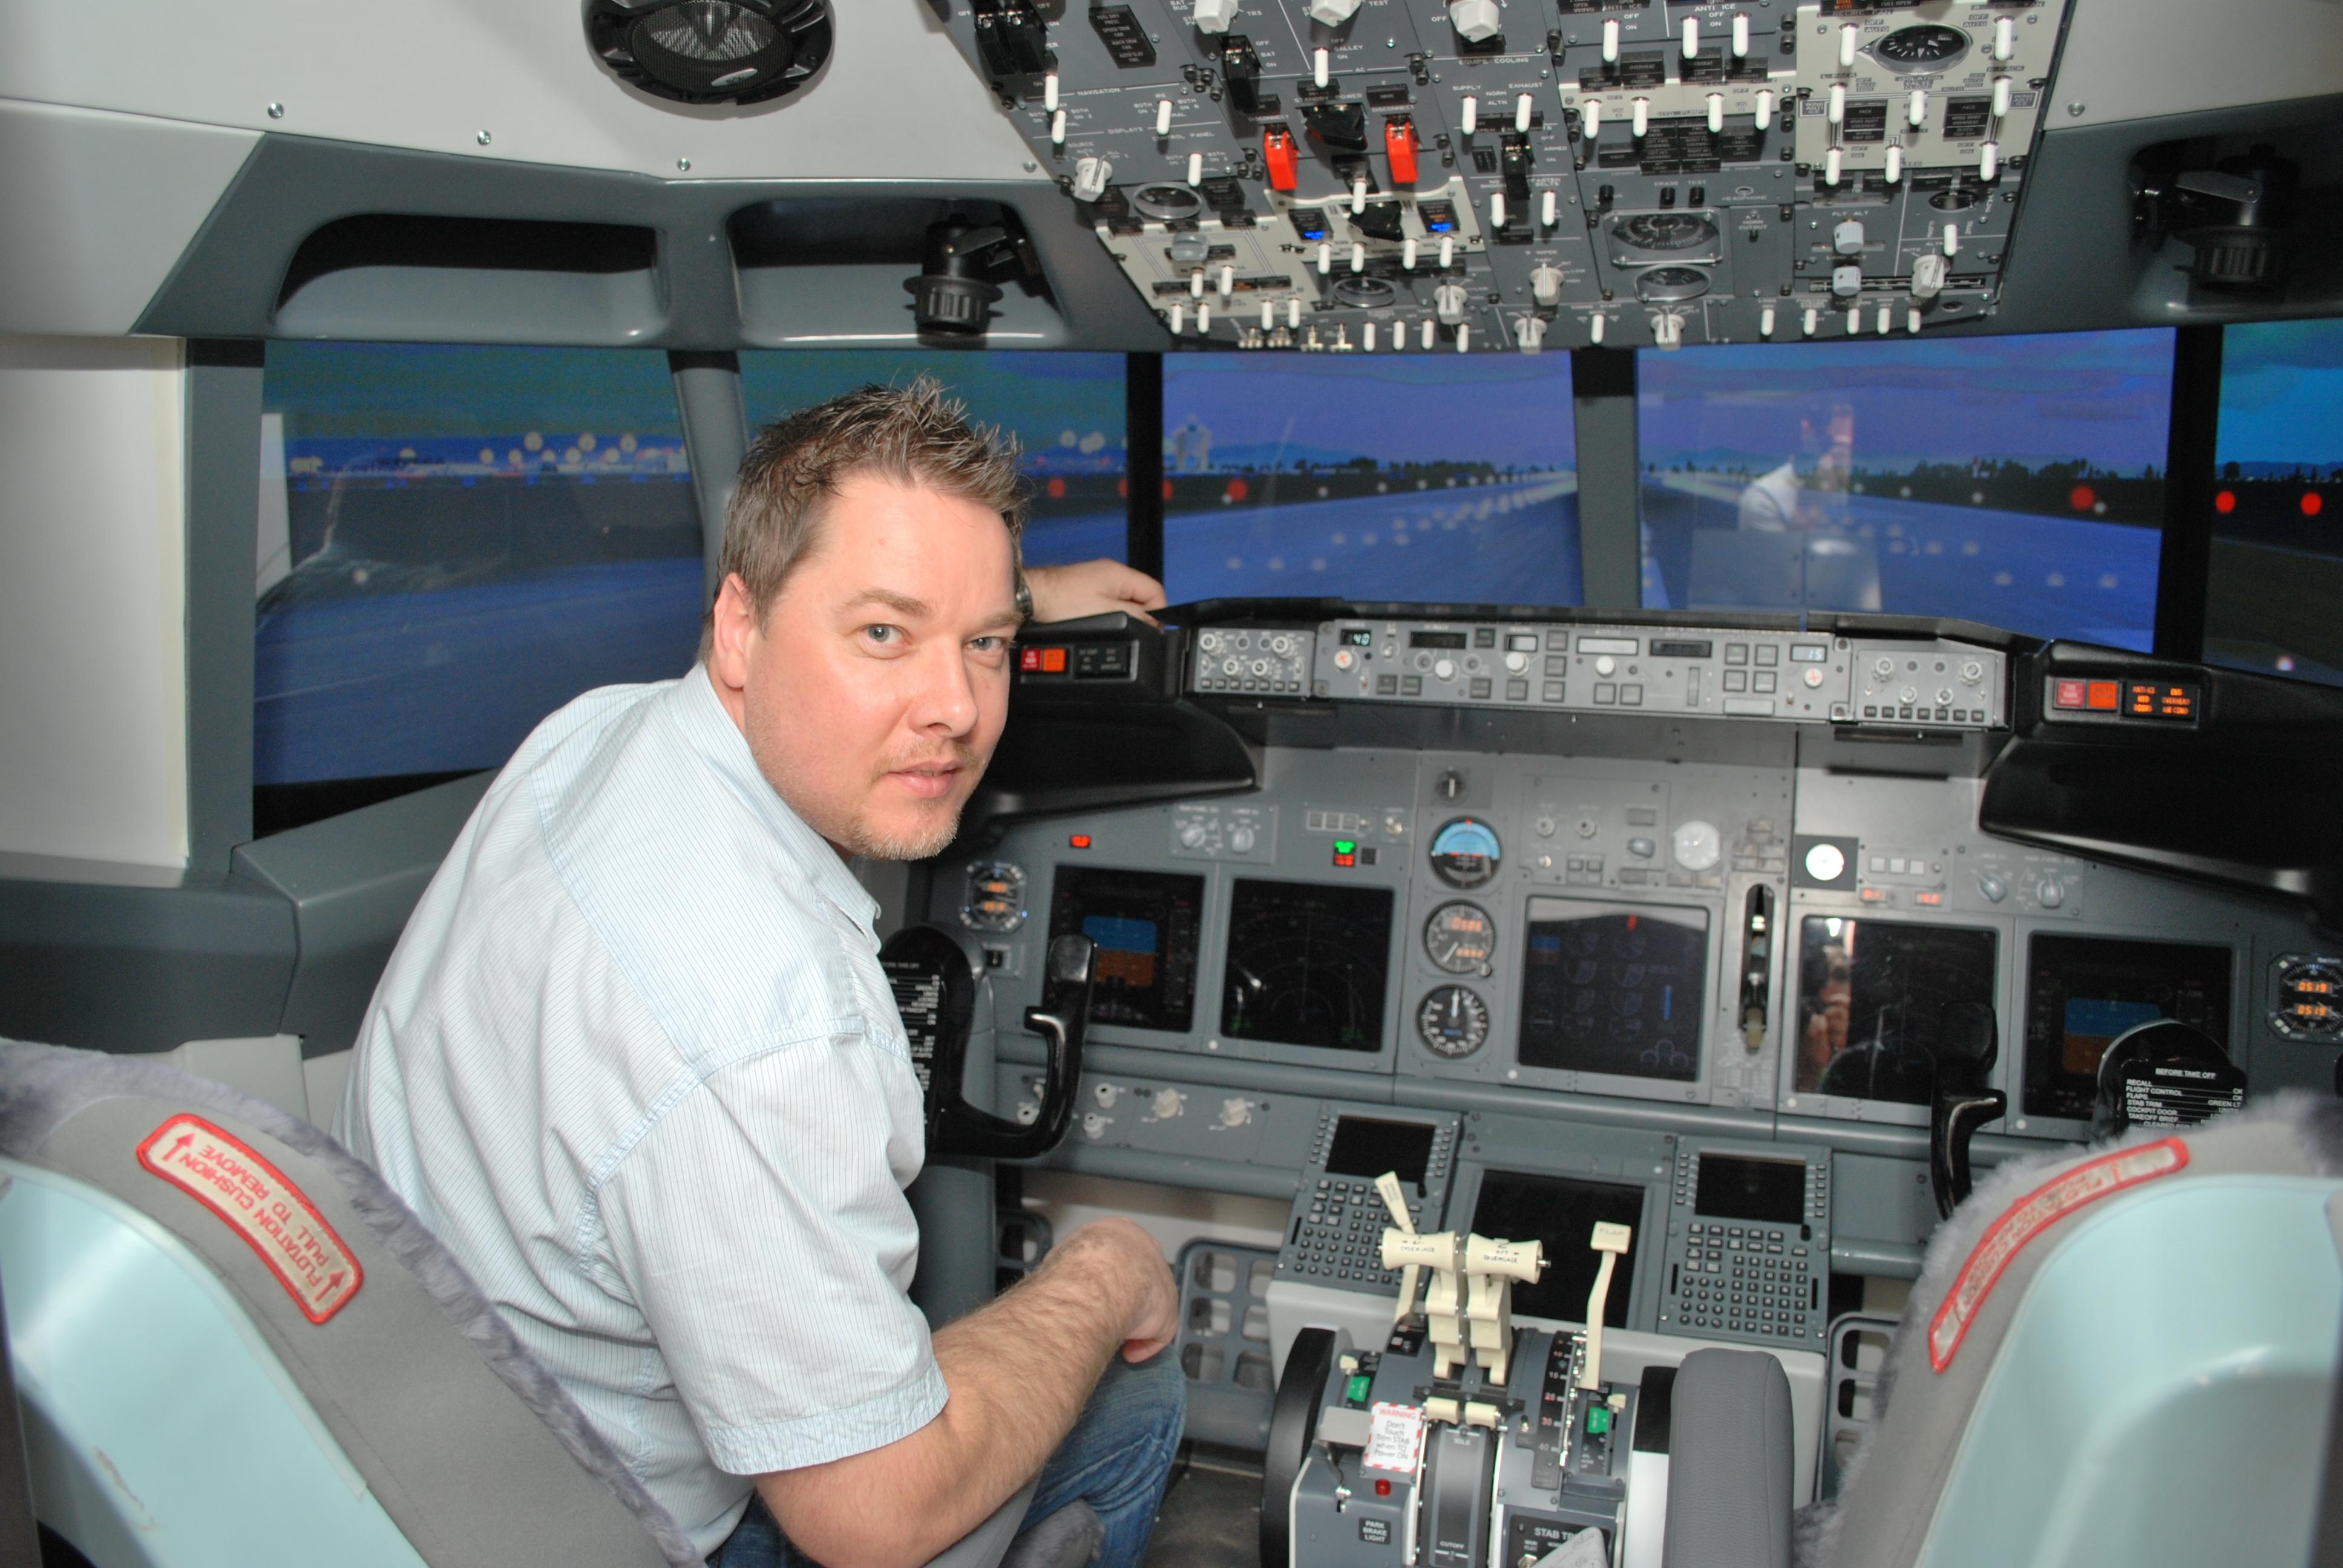 Boeing 737 NG cockpit simulator